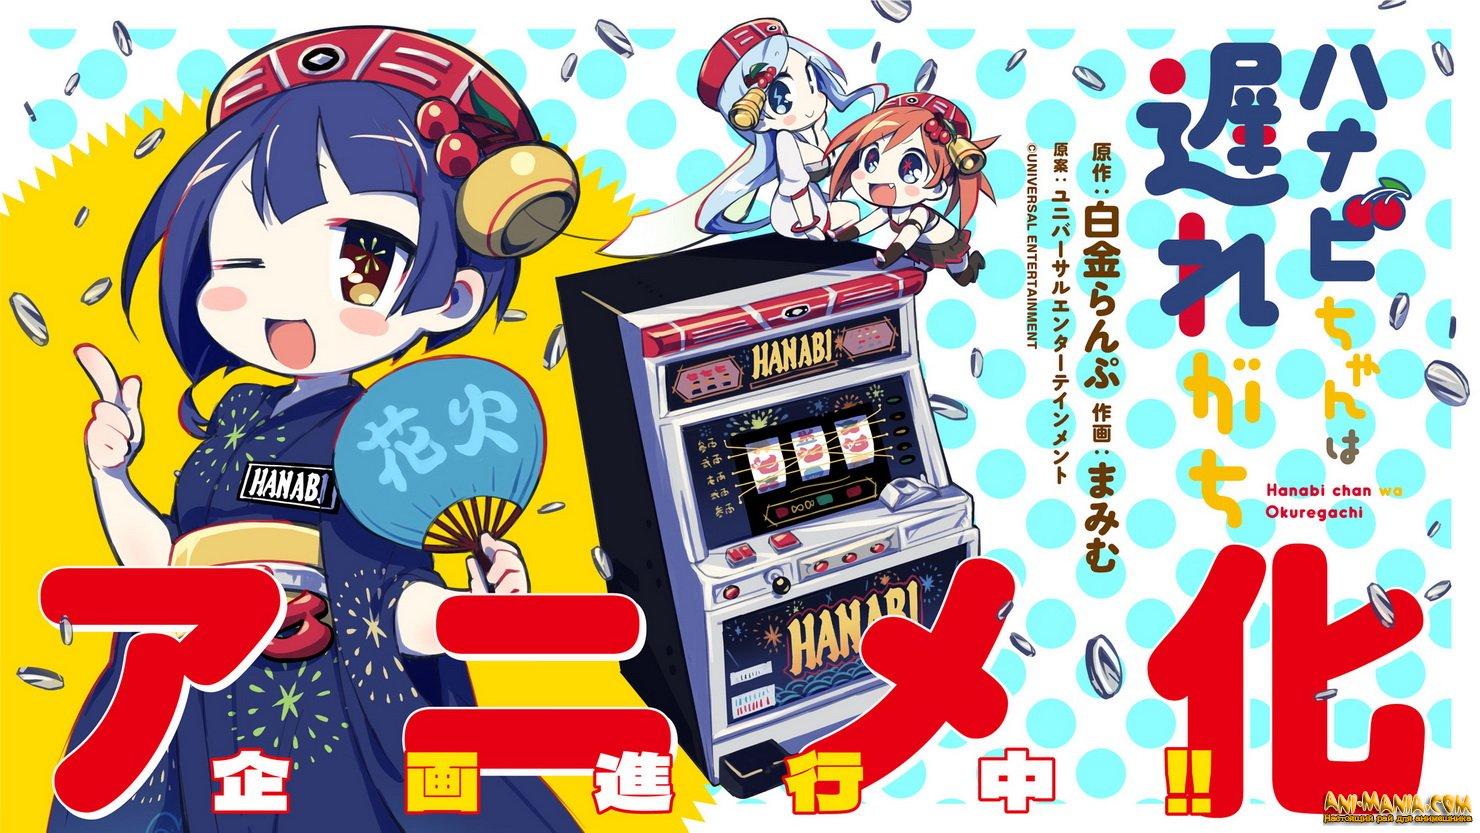 «Ханаби-тян часто опаздывает» — анонс аниме про автоматы пачинко